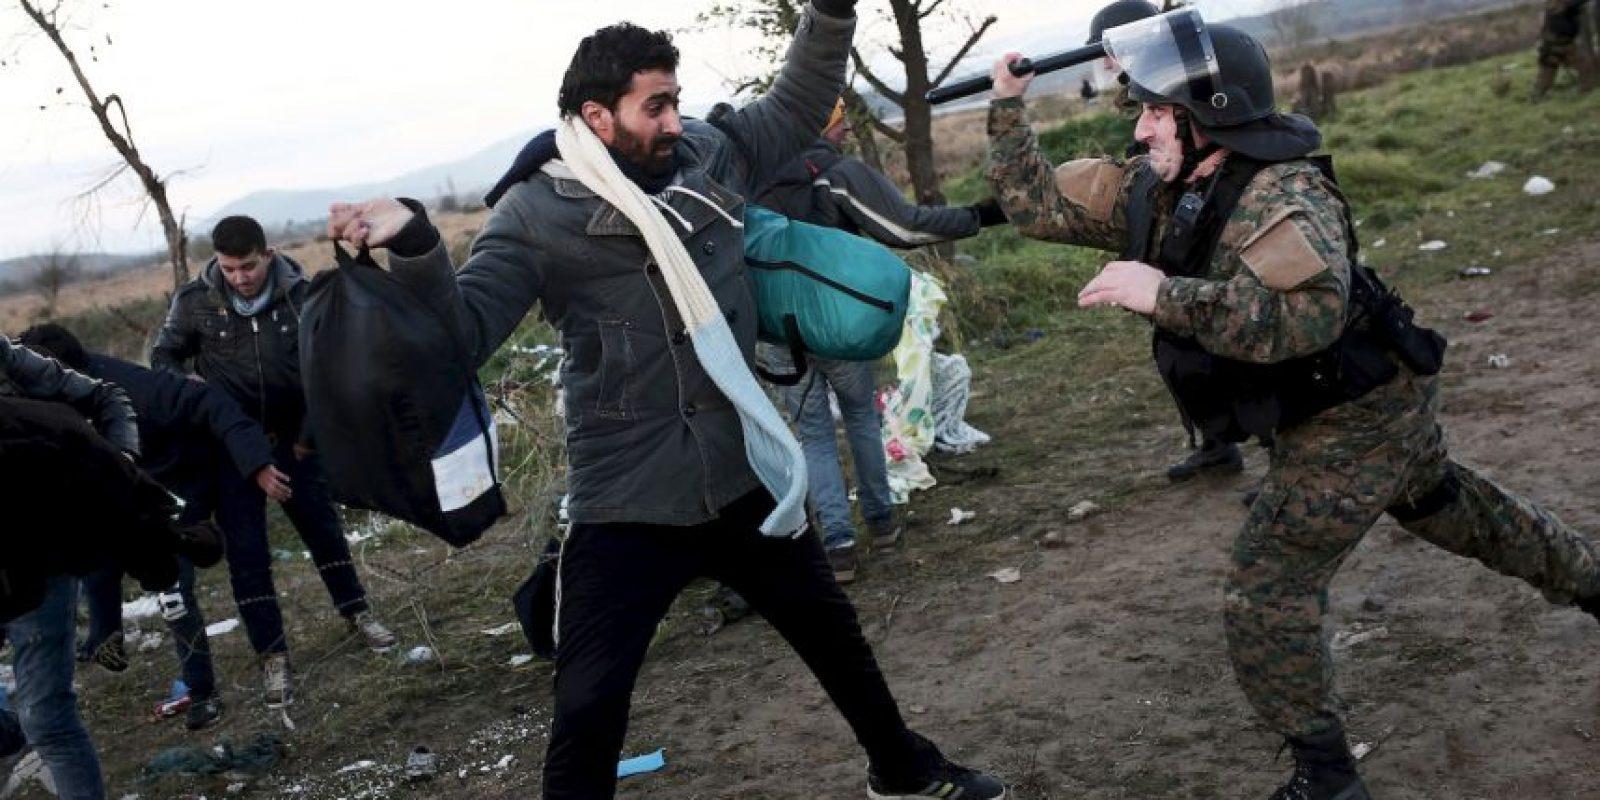 Migrantes y refugiados enfrentan a la policía en la frontera de Grecia y Macedonia. Foto:AFP